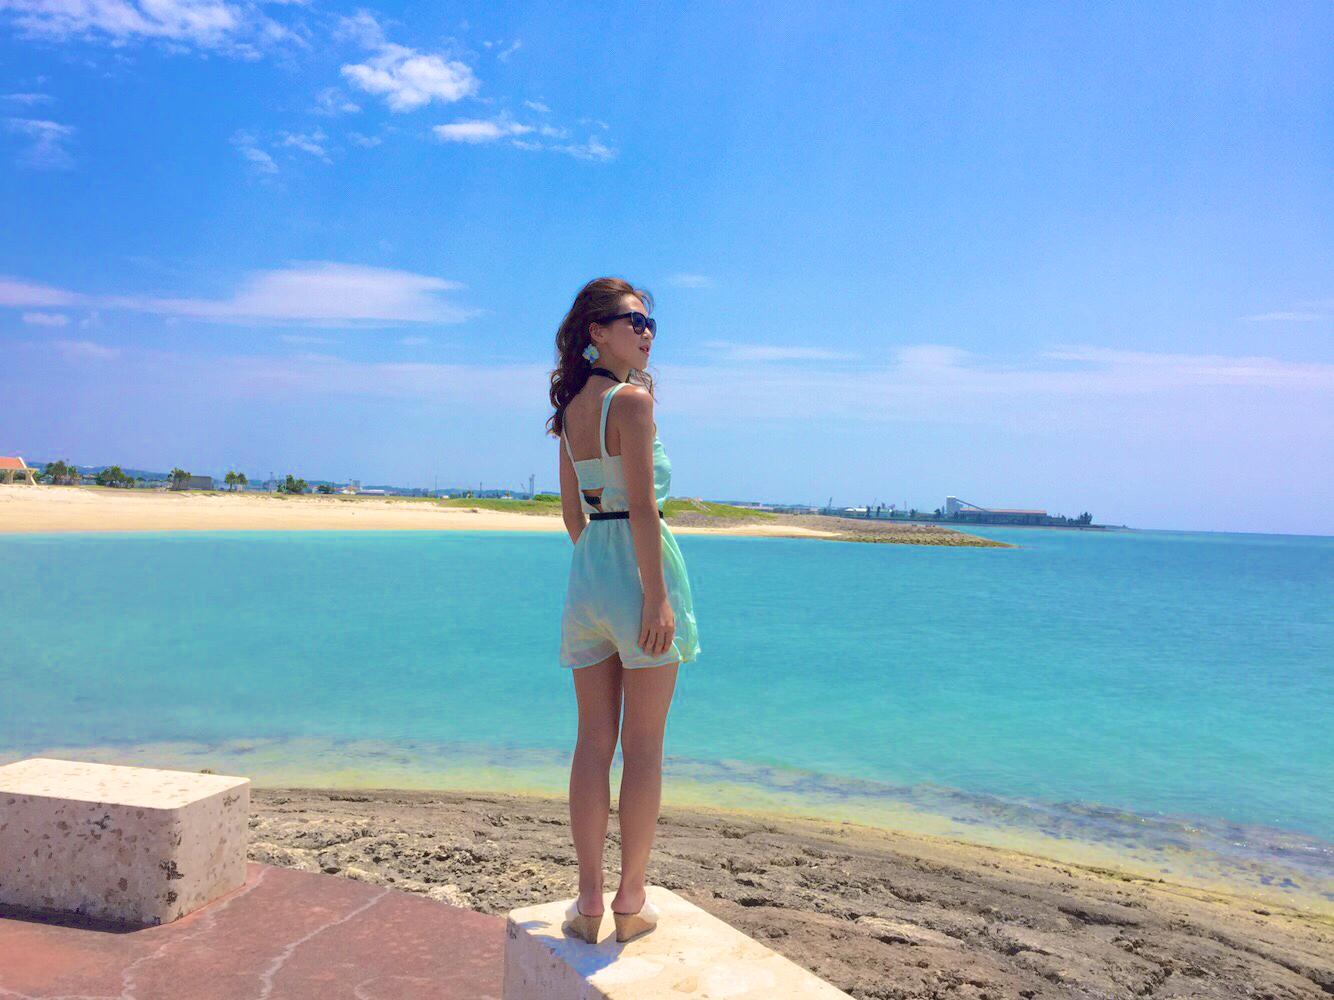 【沖縄女子旅】沖縄旅行本島編!弾丸でも、フォトジェニックな巡り旅はこれでOK♥_1